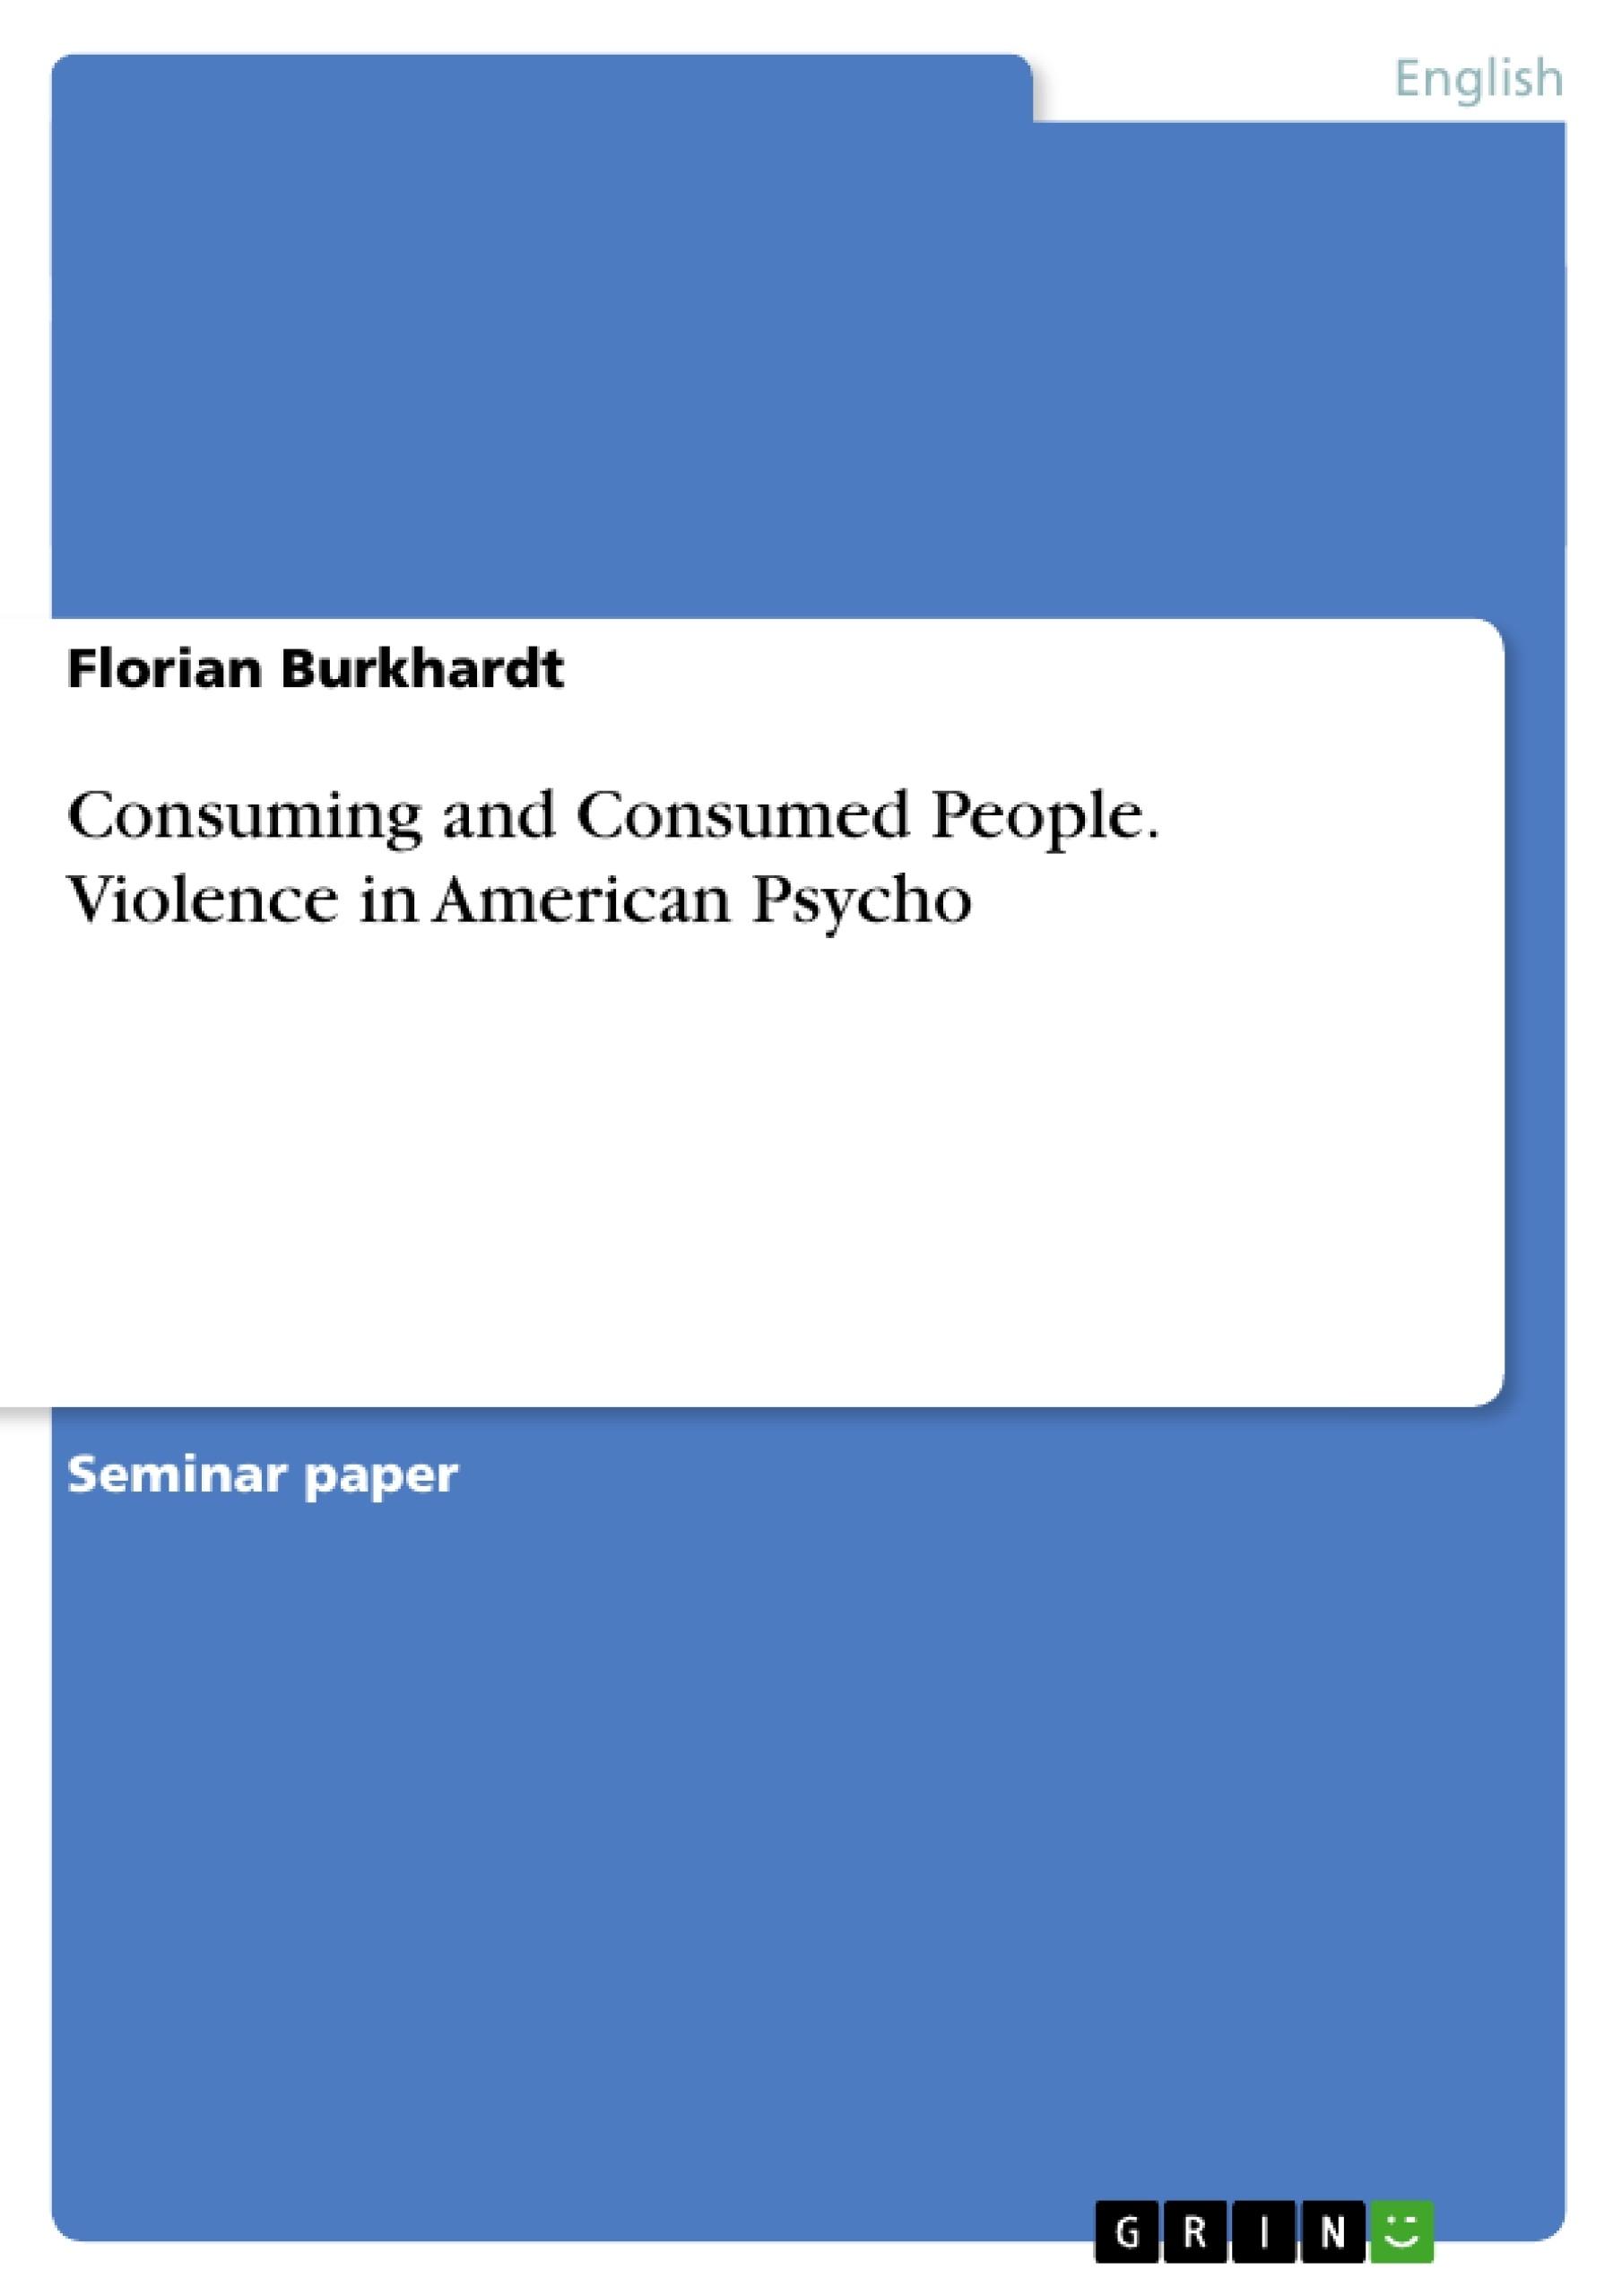 psycho violence